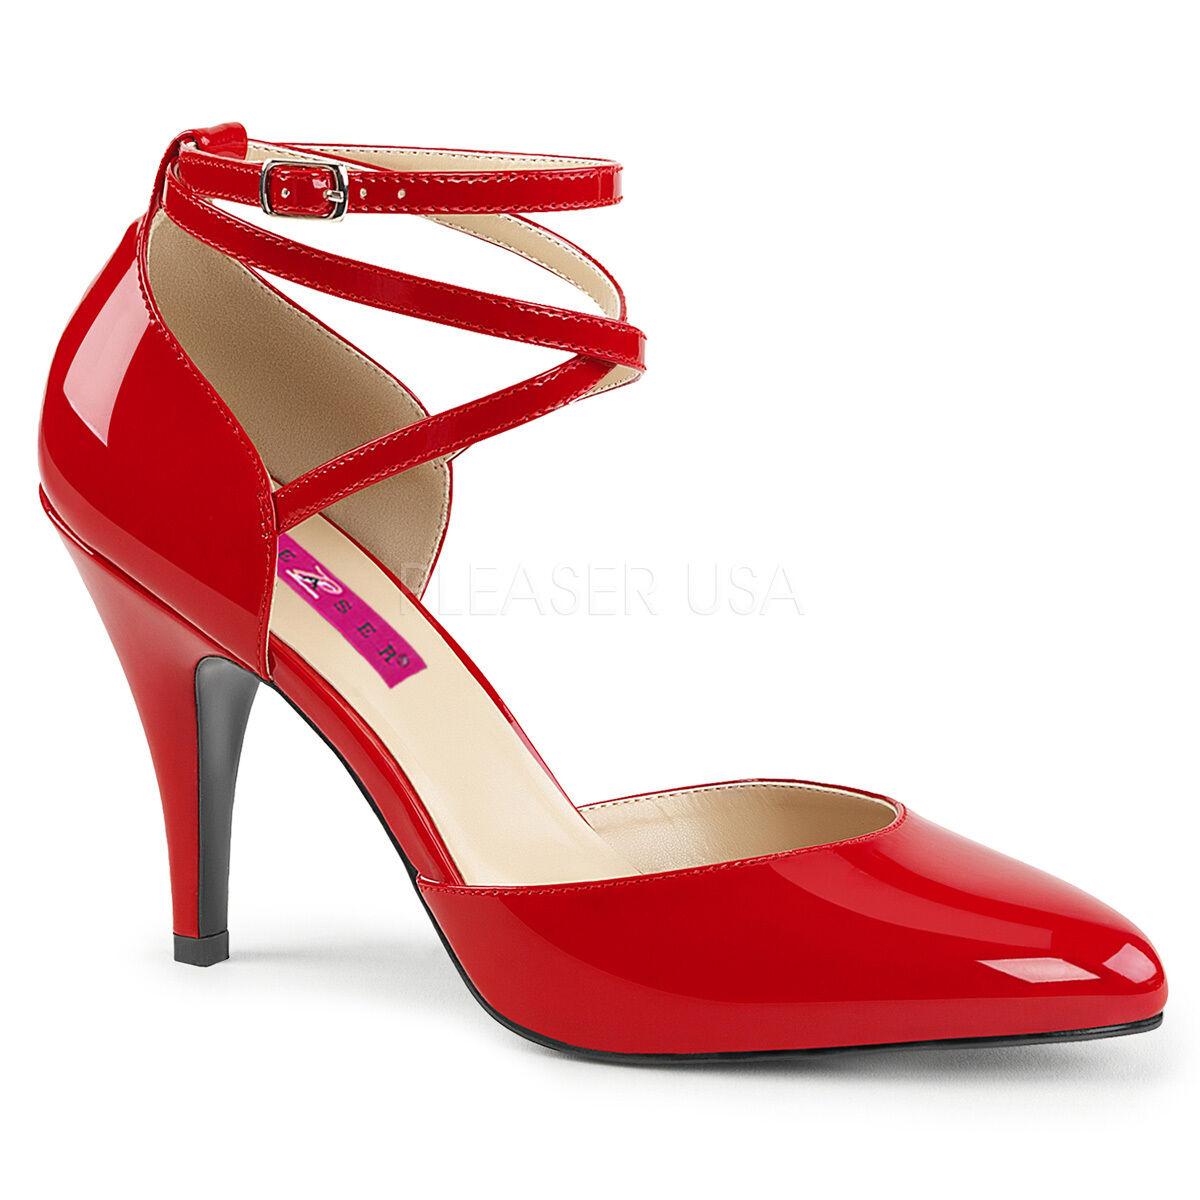 Liebling Traum Heel 408 High Heel Traum Pumps Transsexueller Transvestit Weite Passform 725c75